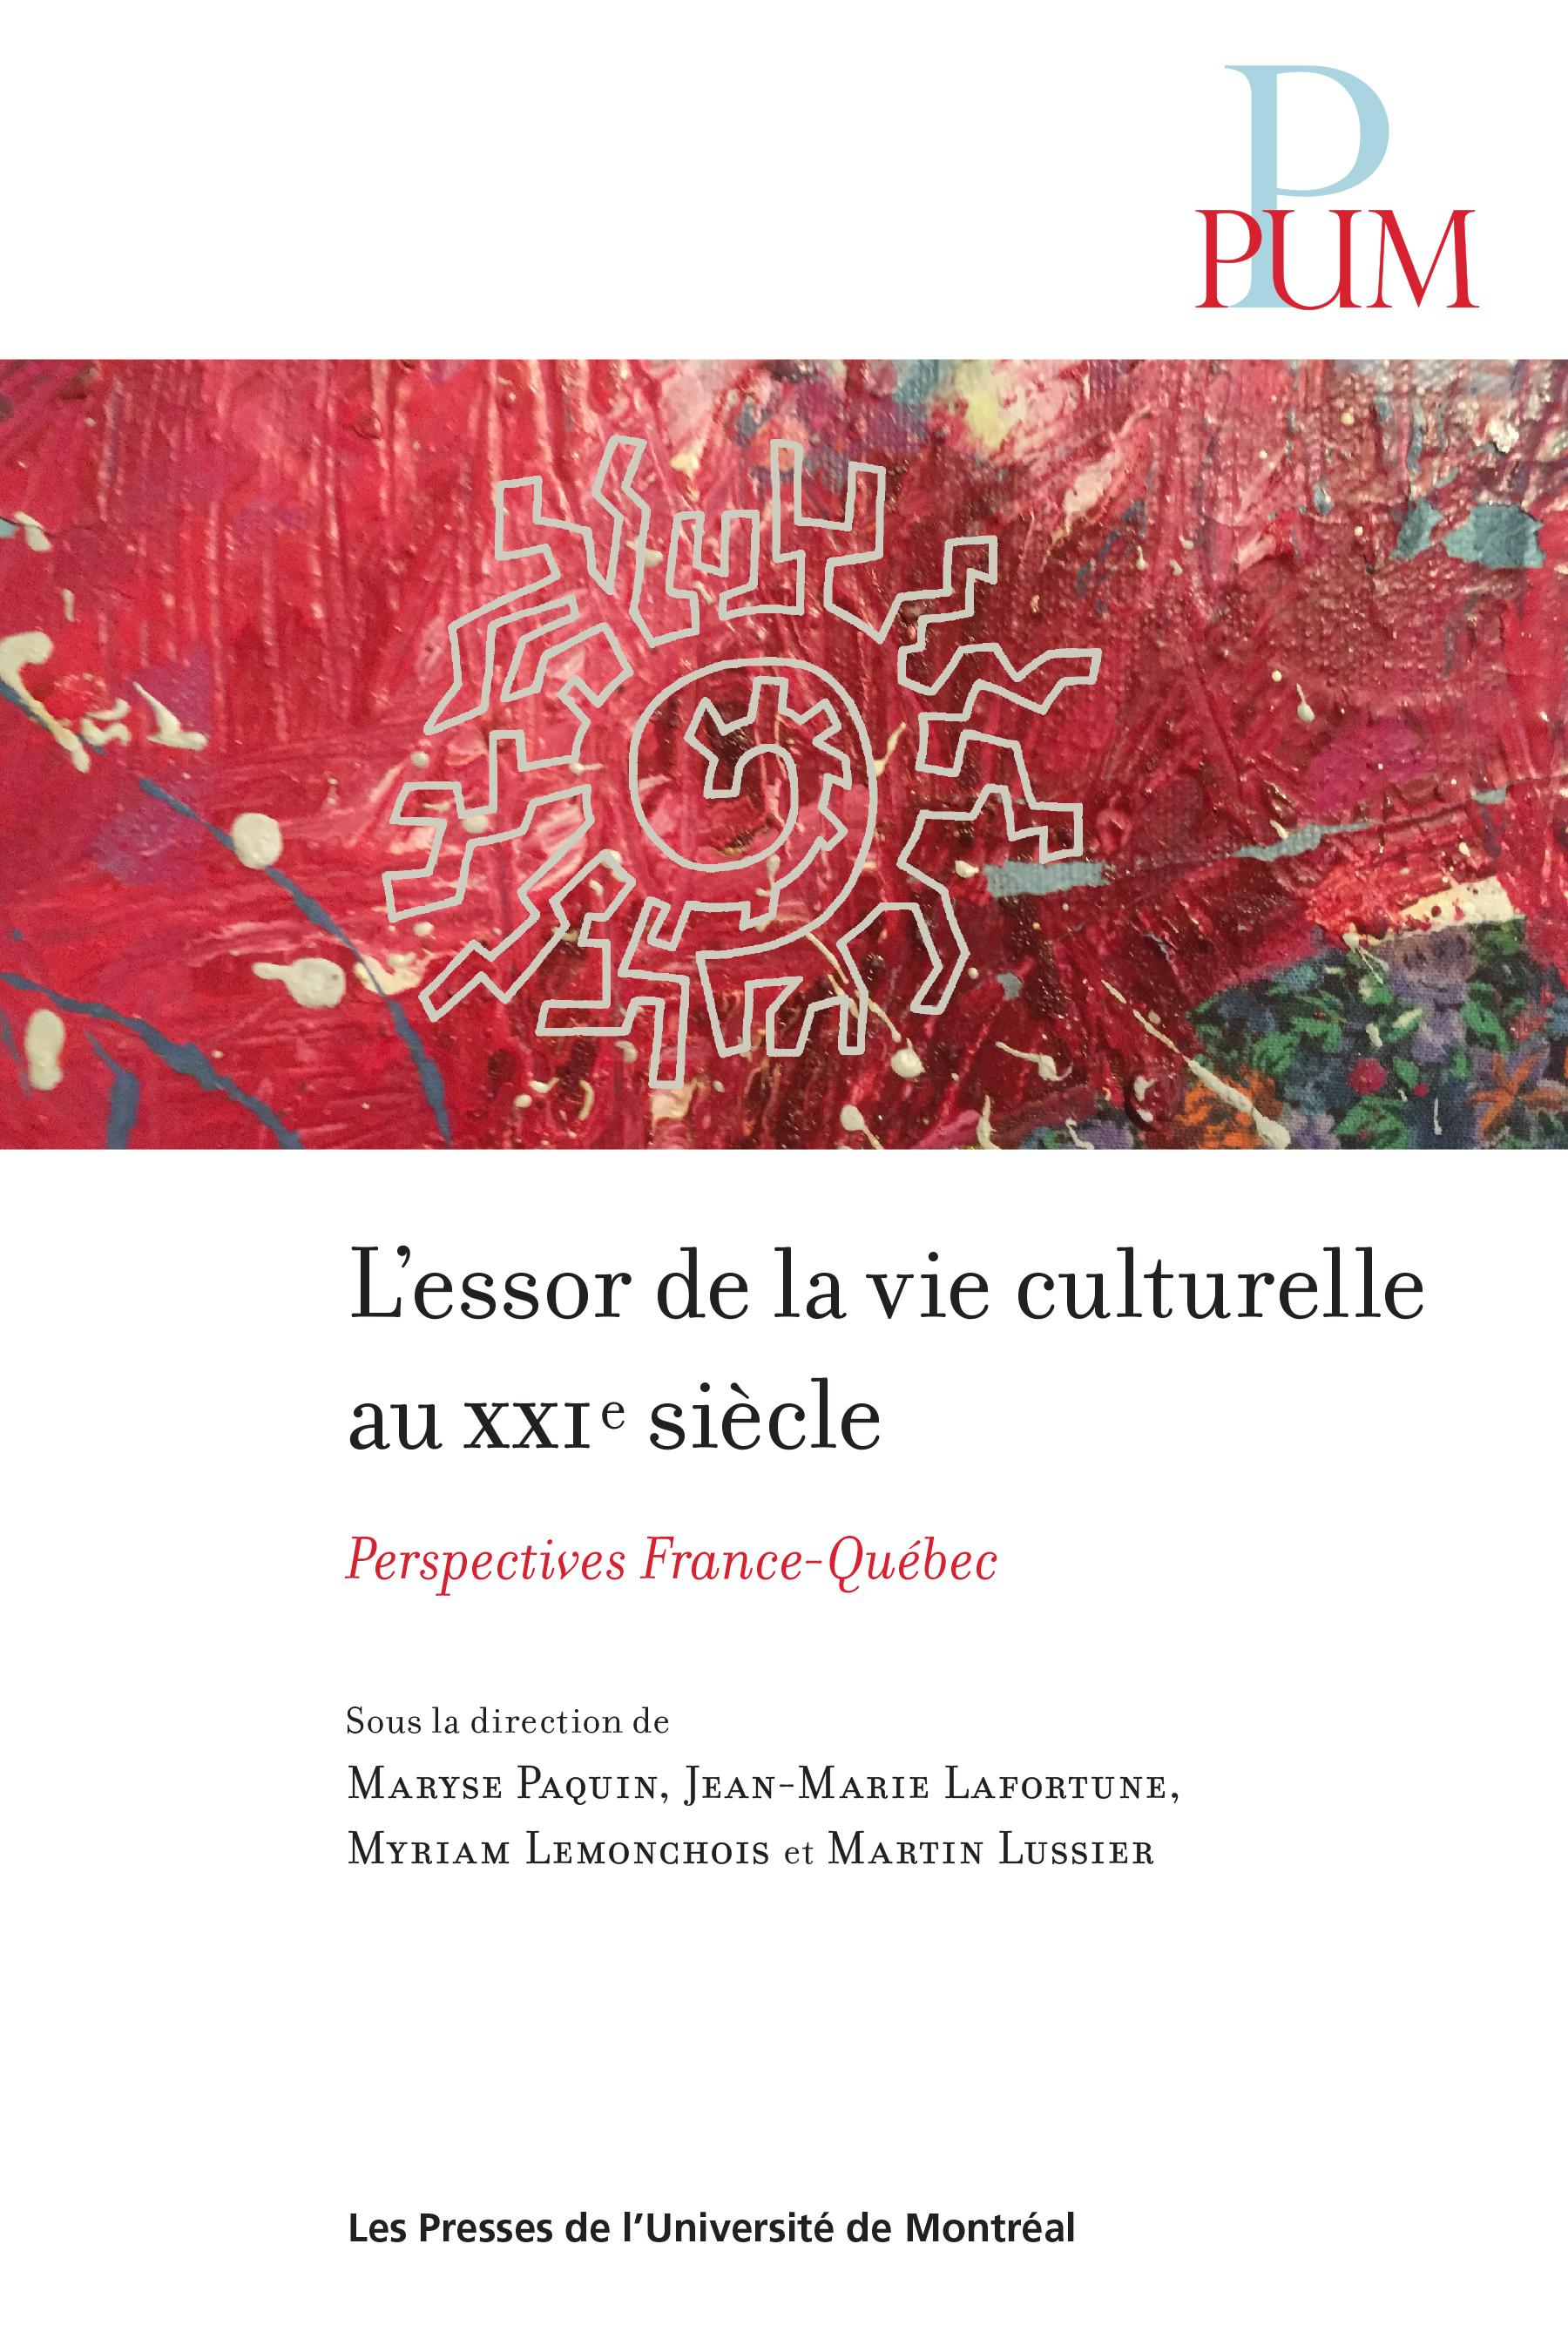 L'essor de la vie culturelle au XXIe siècle: Perspectives France-Québec